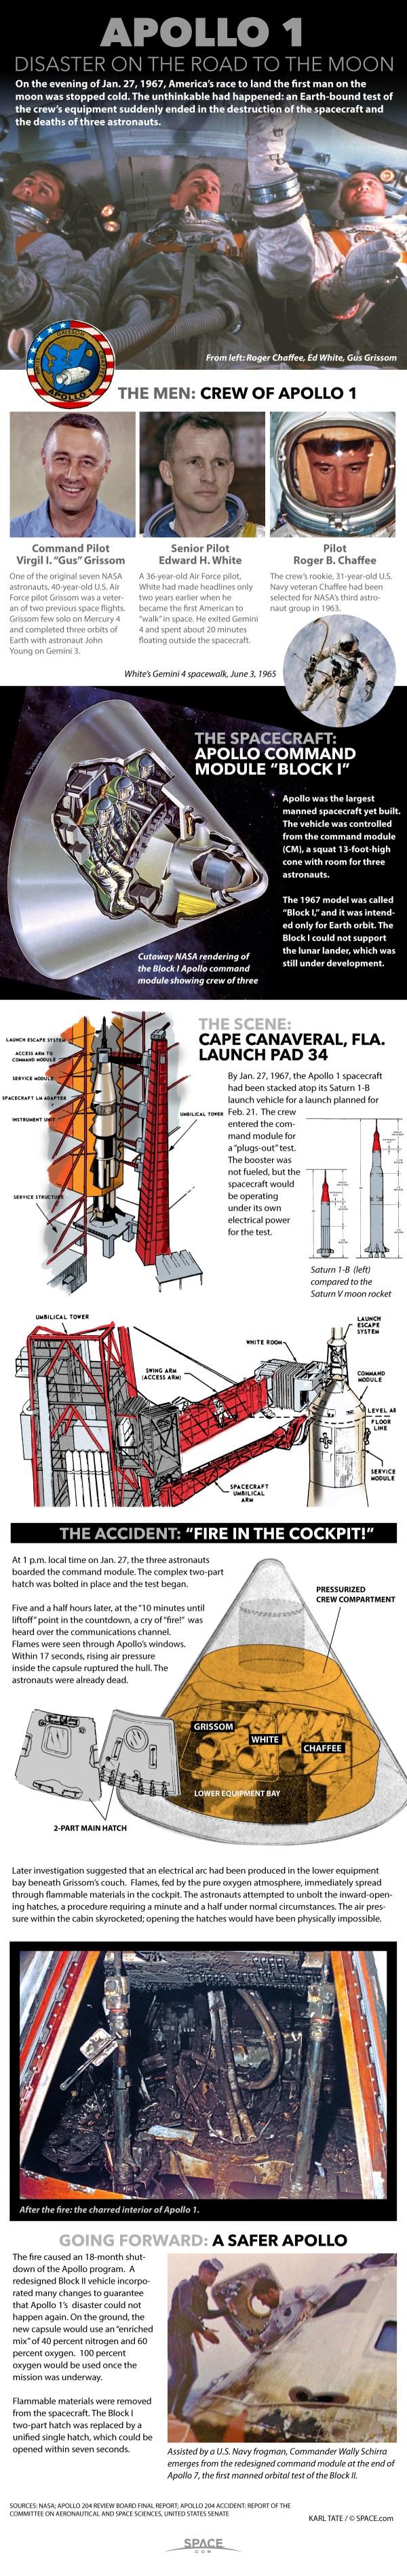 Apolo 1 3